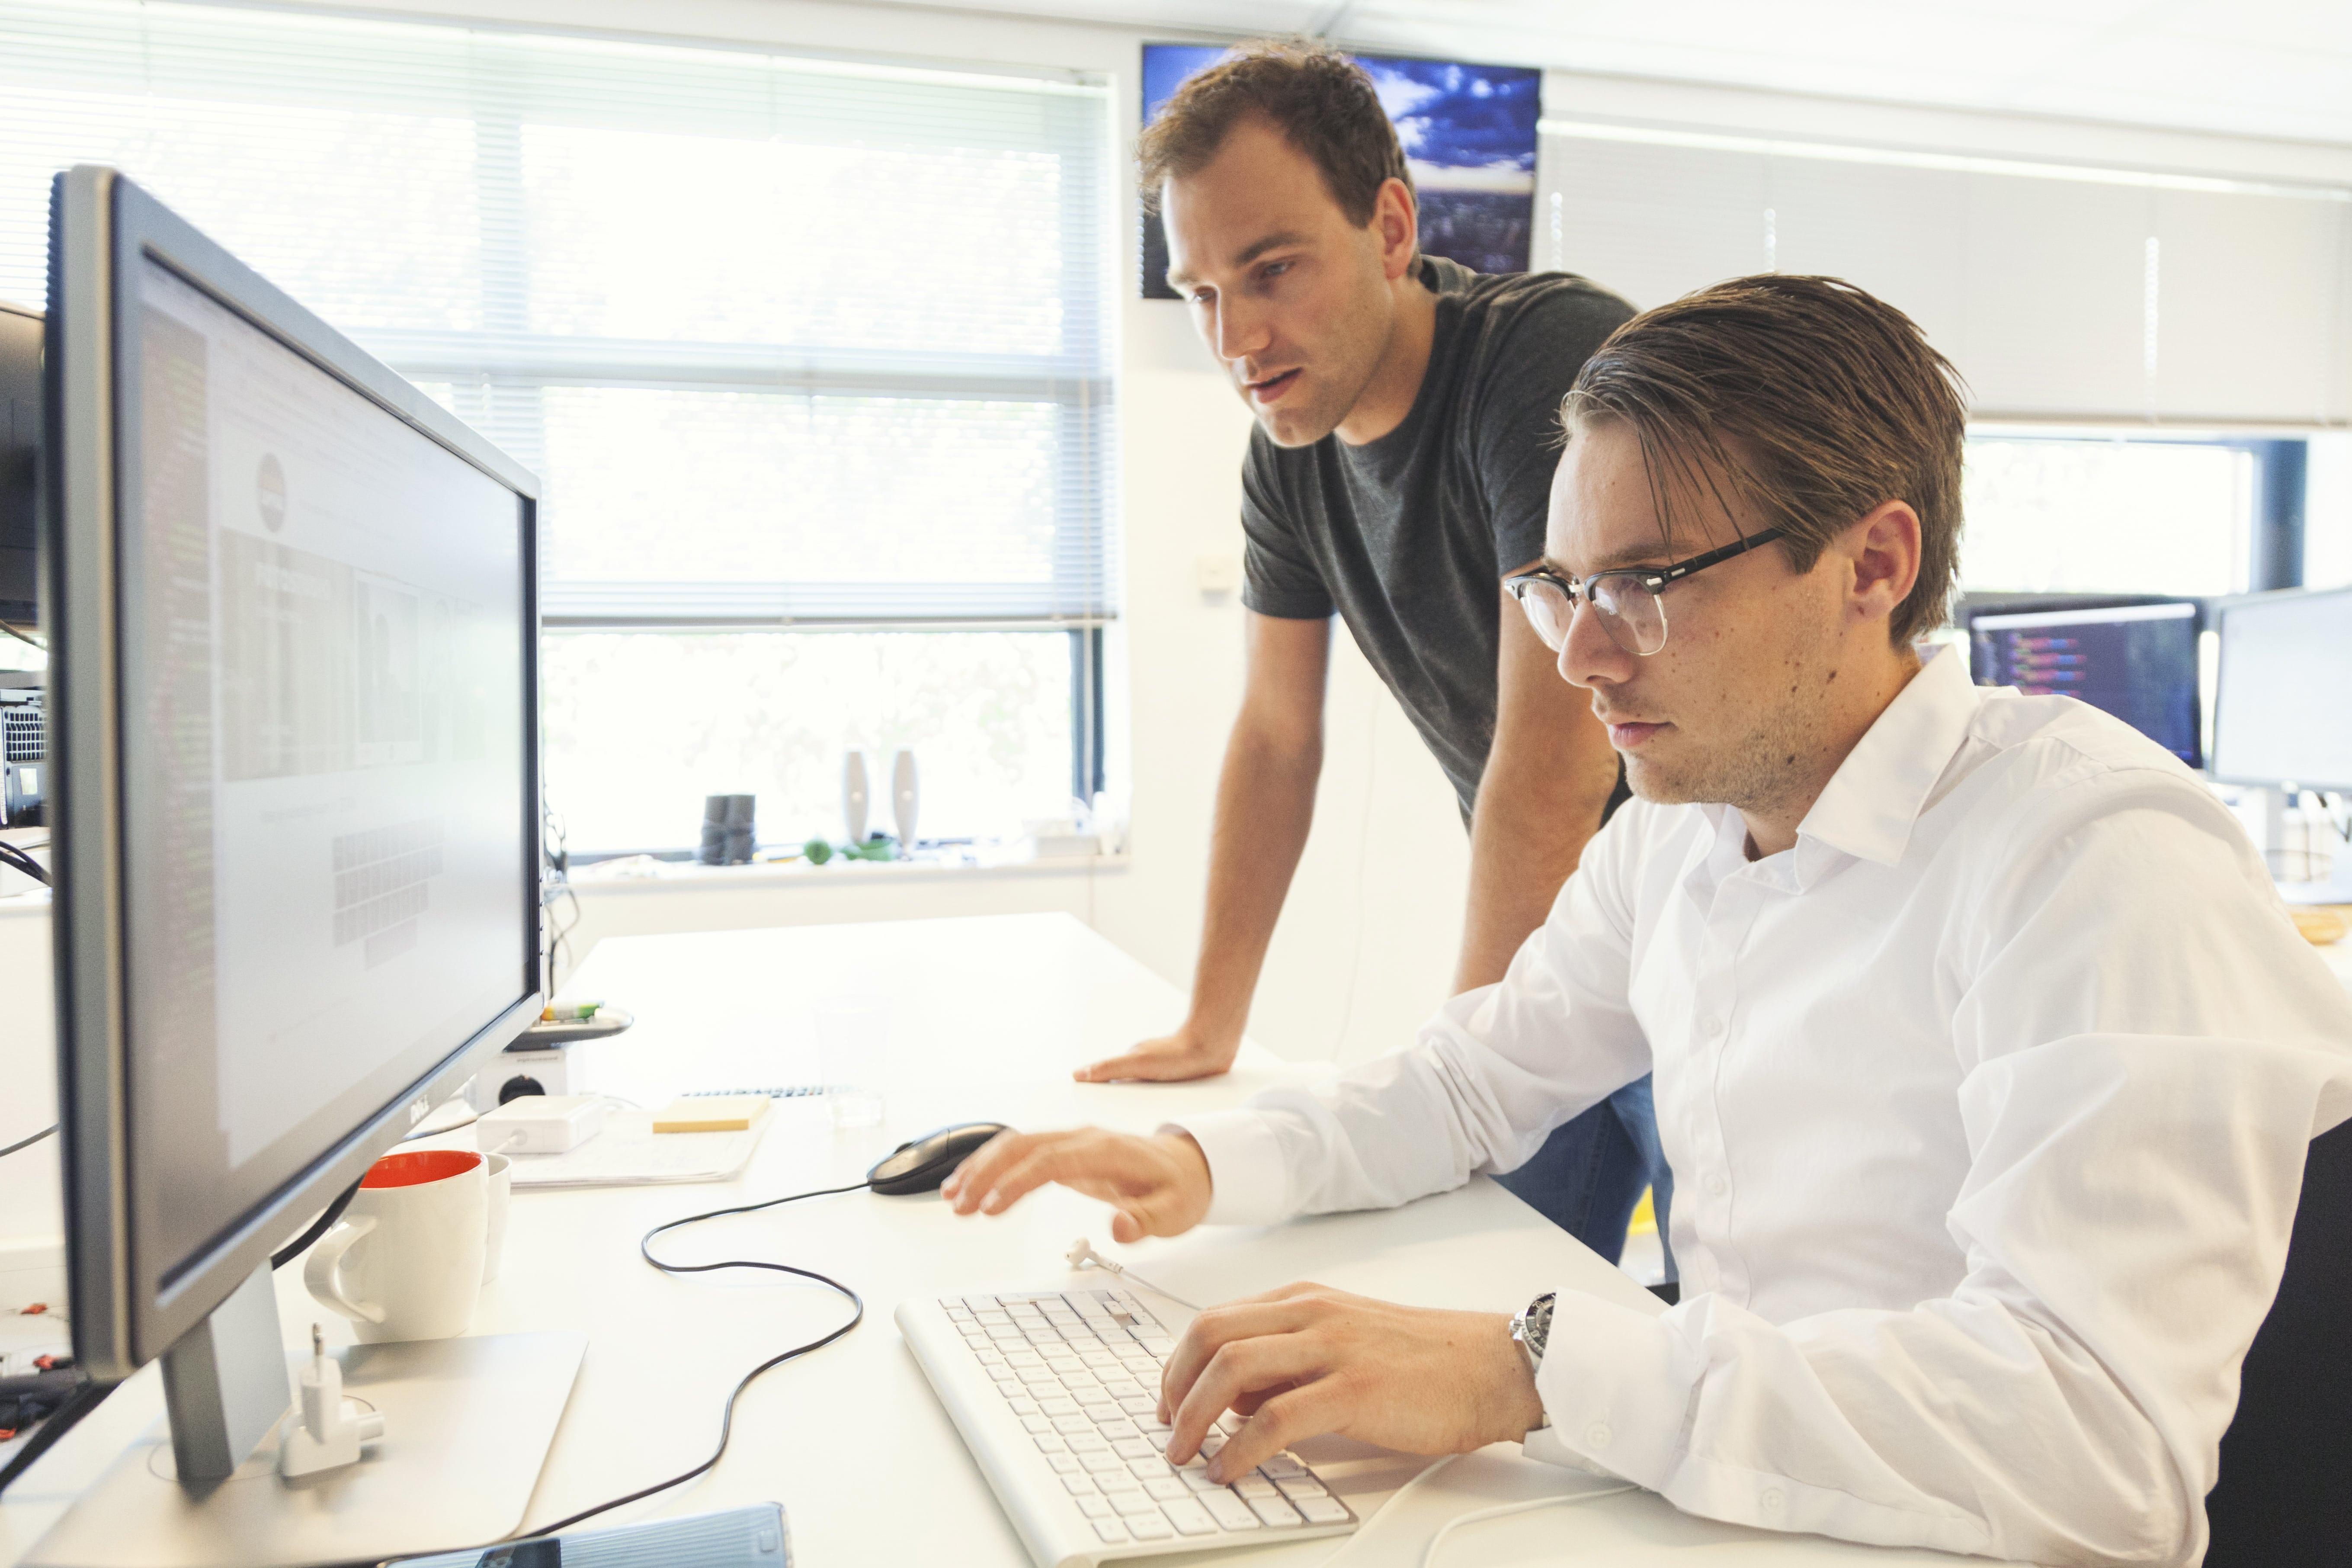 Zwei Männer gucken auf einen Computer